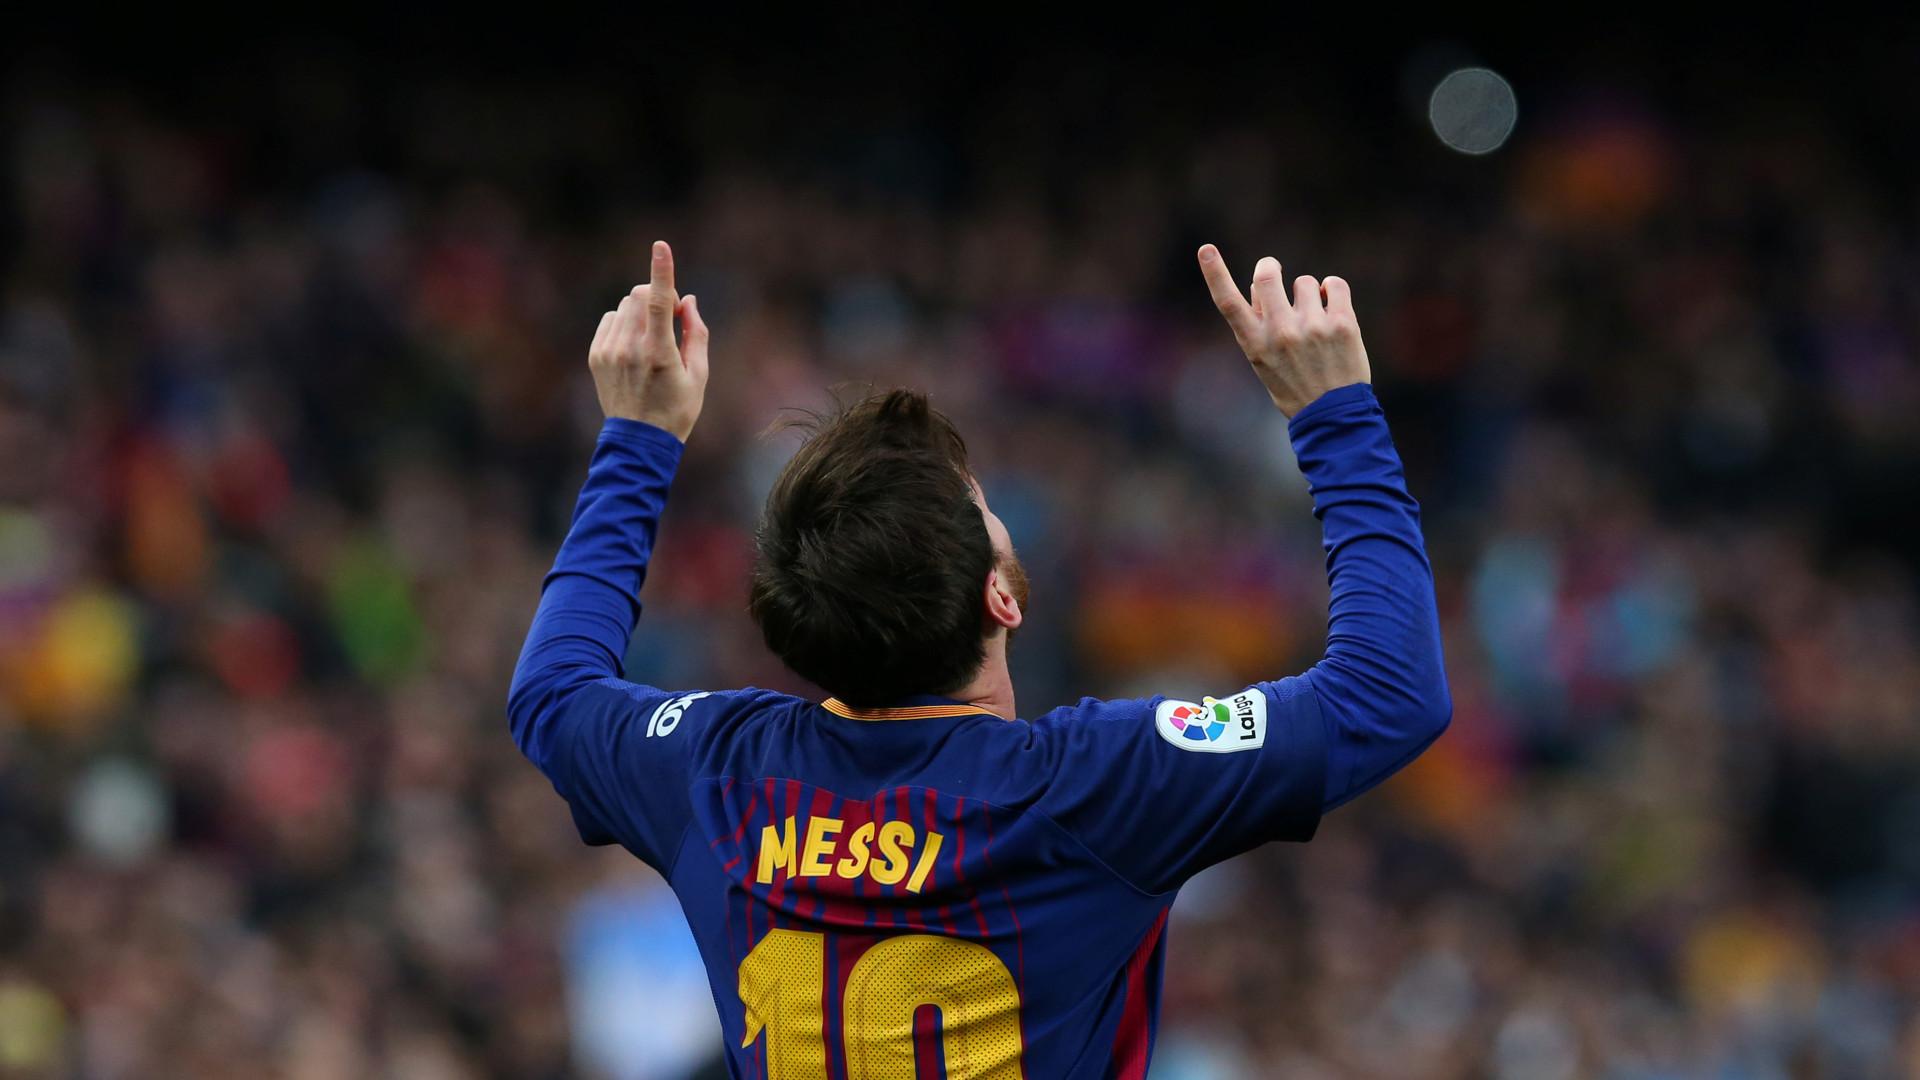 História de Messi: Quando 'Deus' foi impedido de entrar na sua igreja